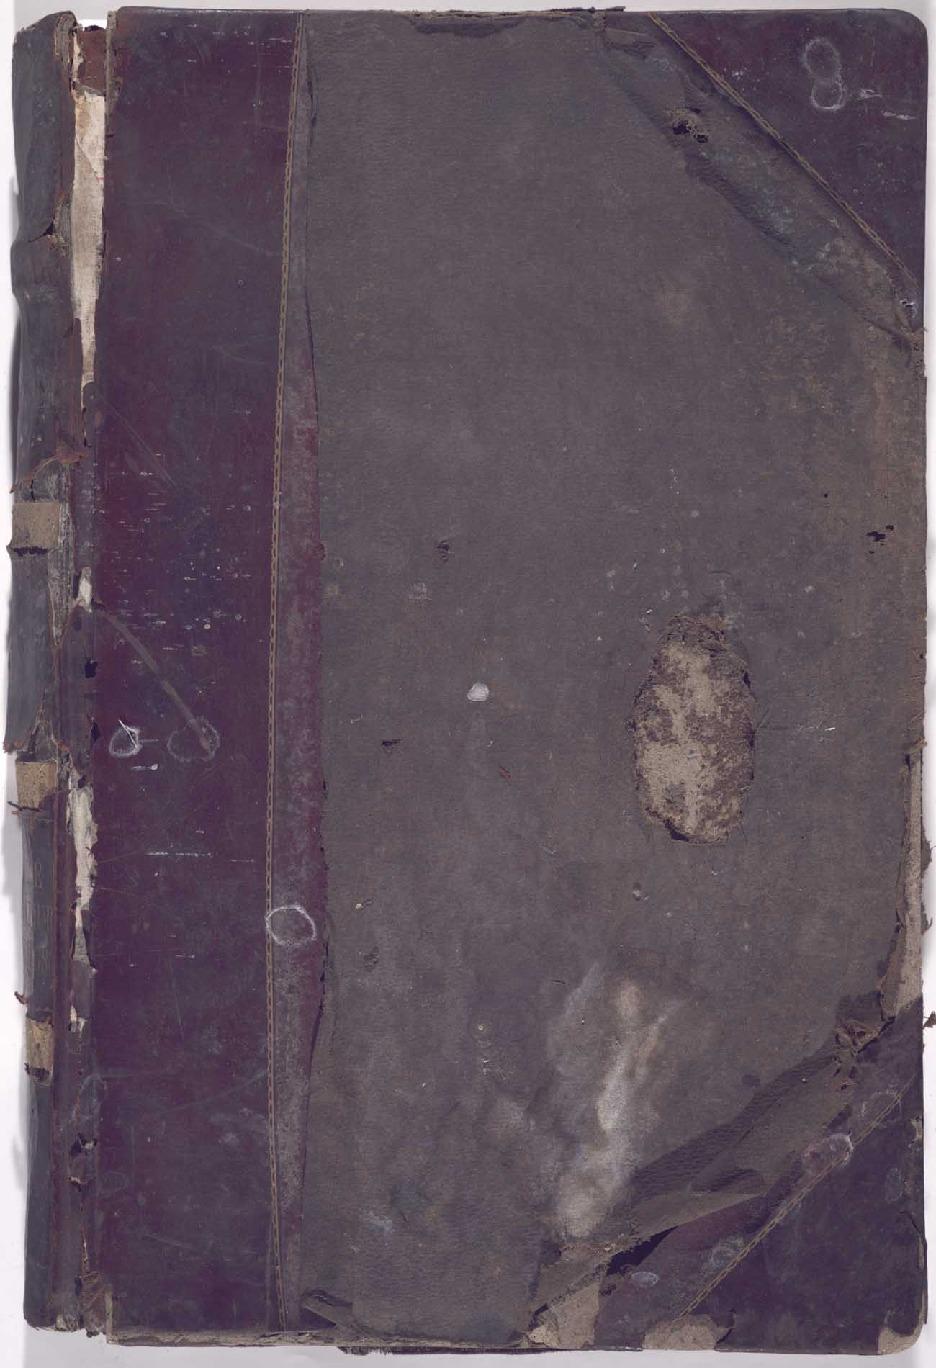 Ms2003_007_WhiteSulphurSprings_Ledger_1886.pdf